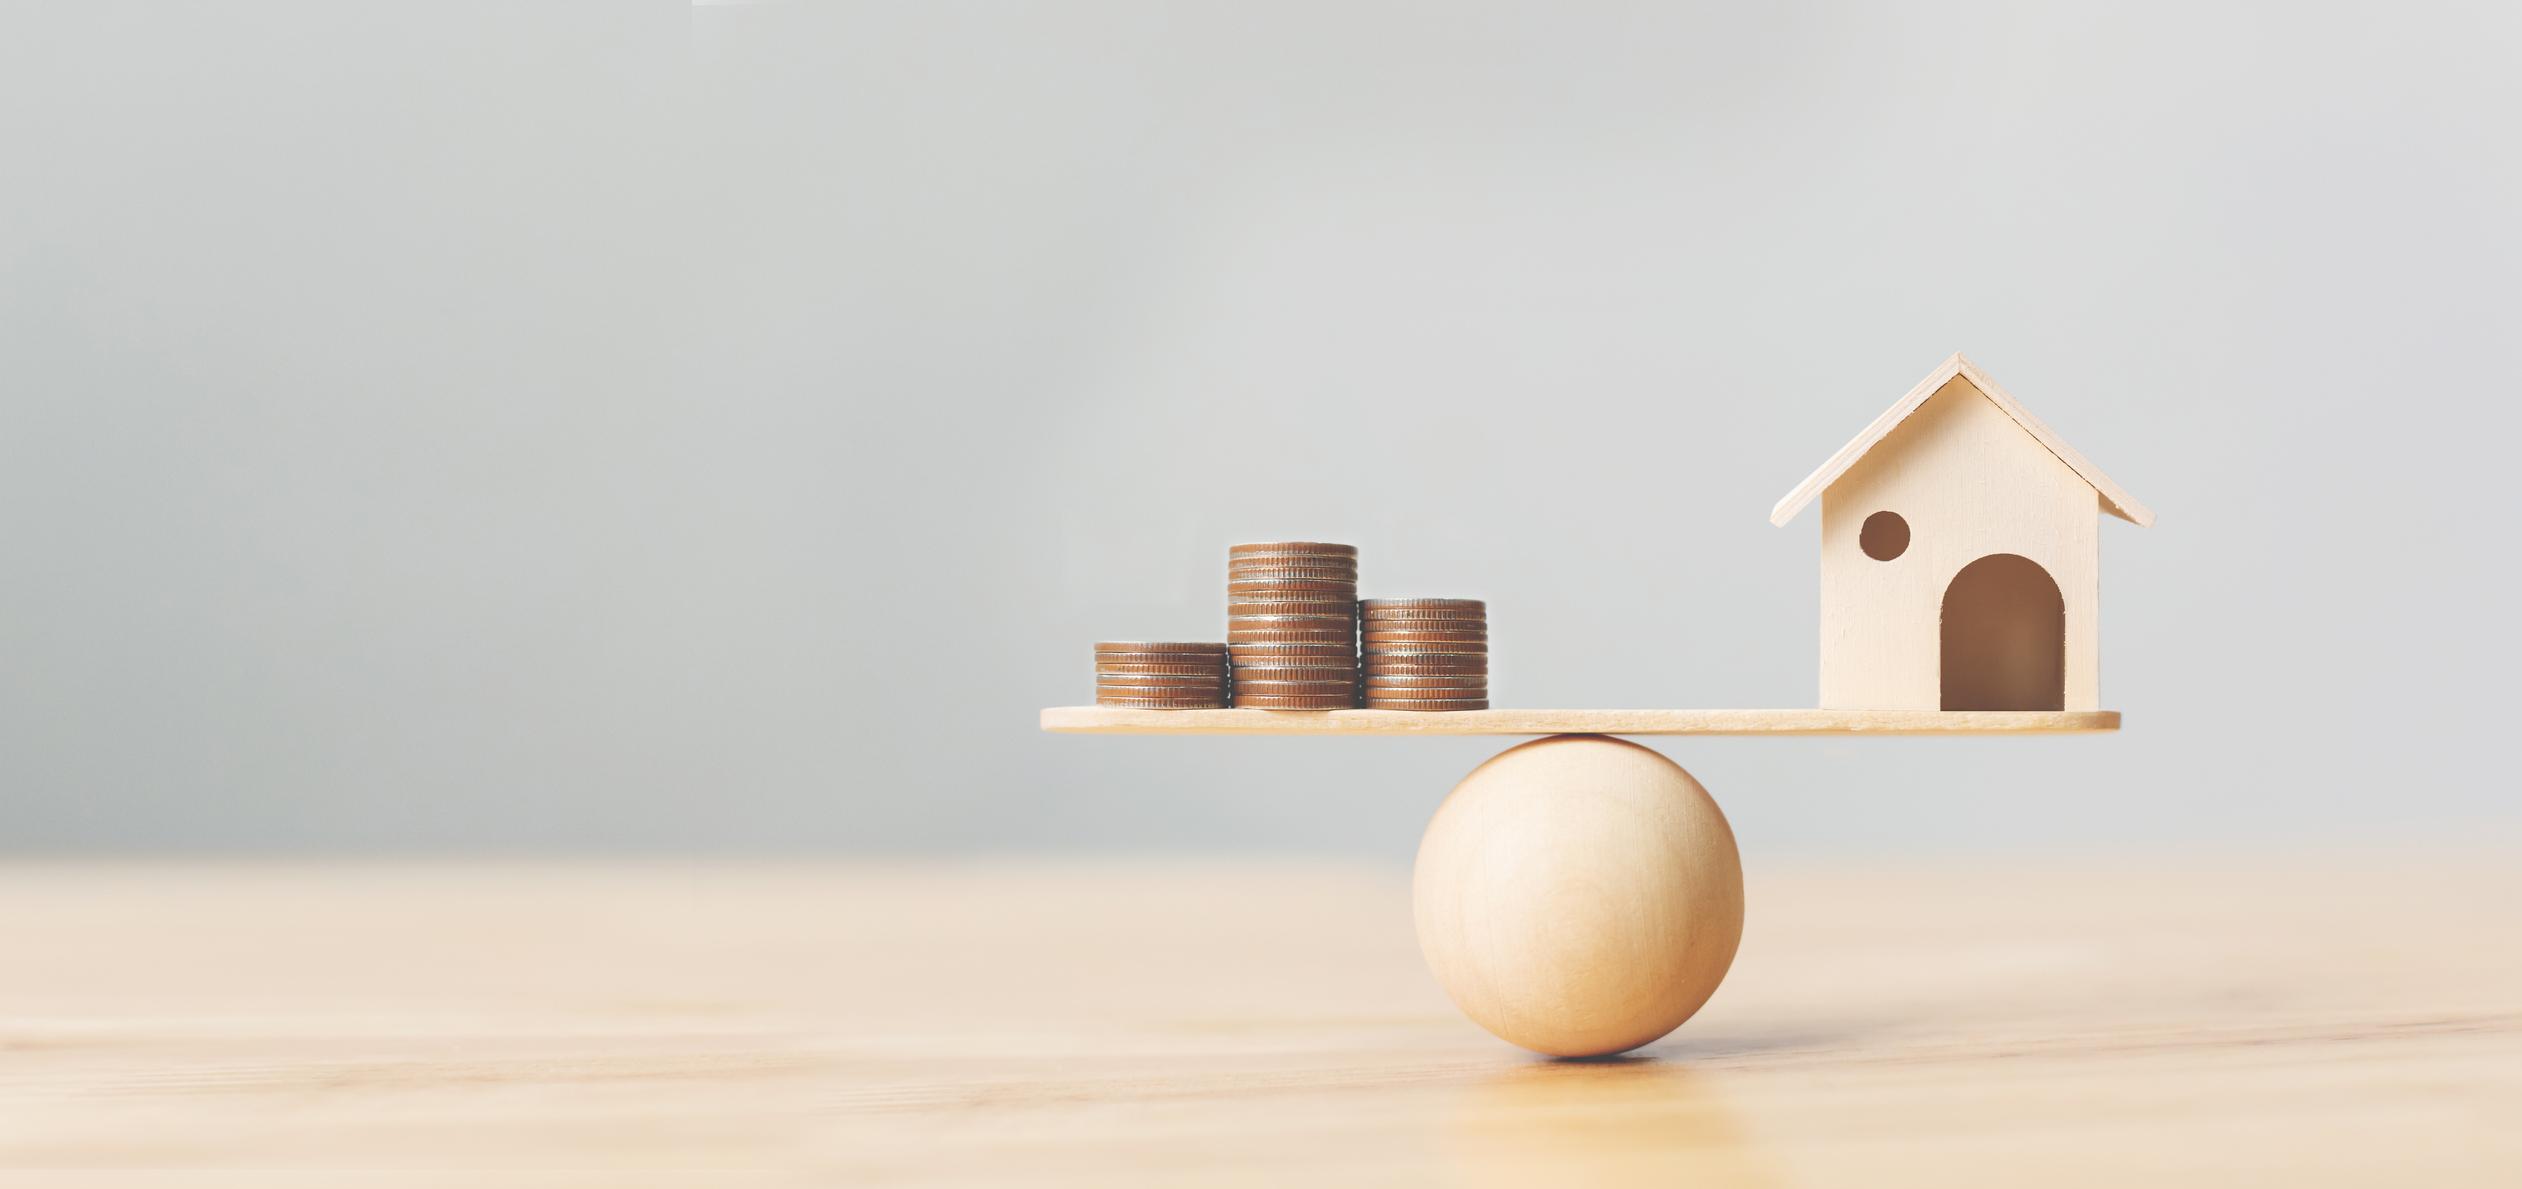 Mehrfamilienhaus verkaufen: Verkaufspreis